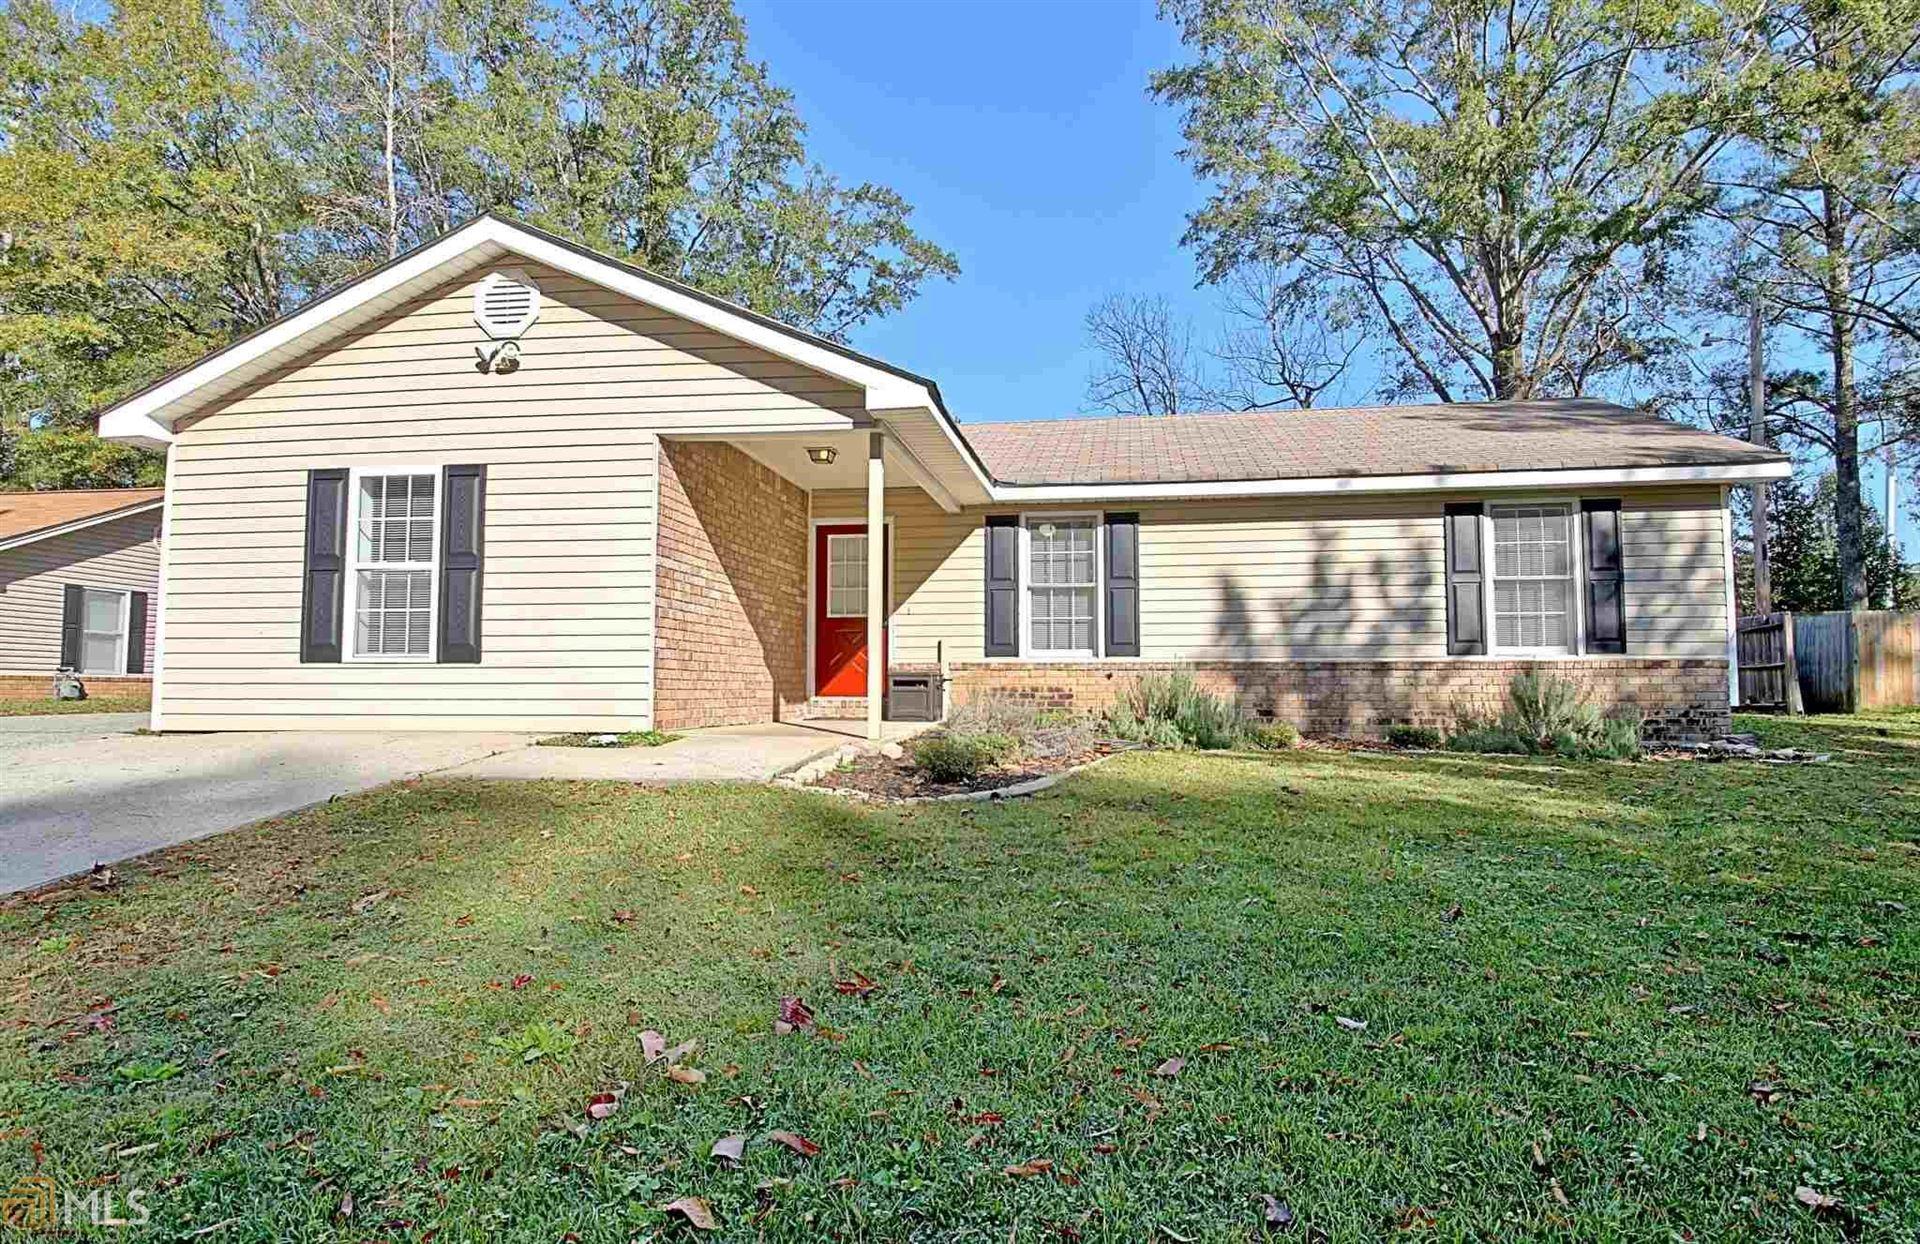 117 Caldwell Dr, Hampton, GA 30228 - MLS#: 8893811